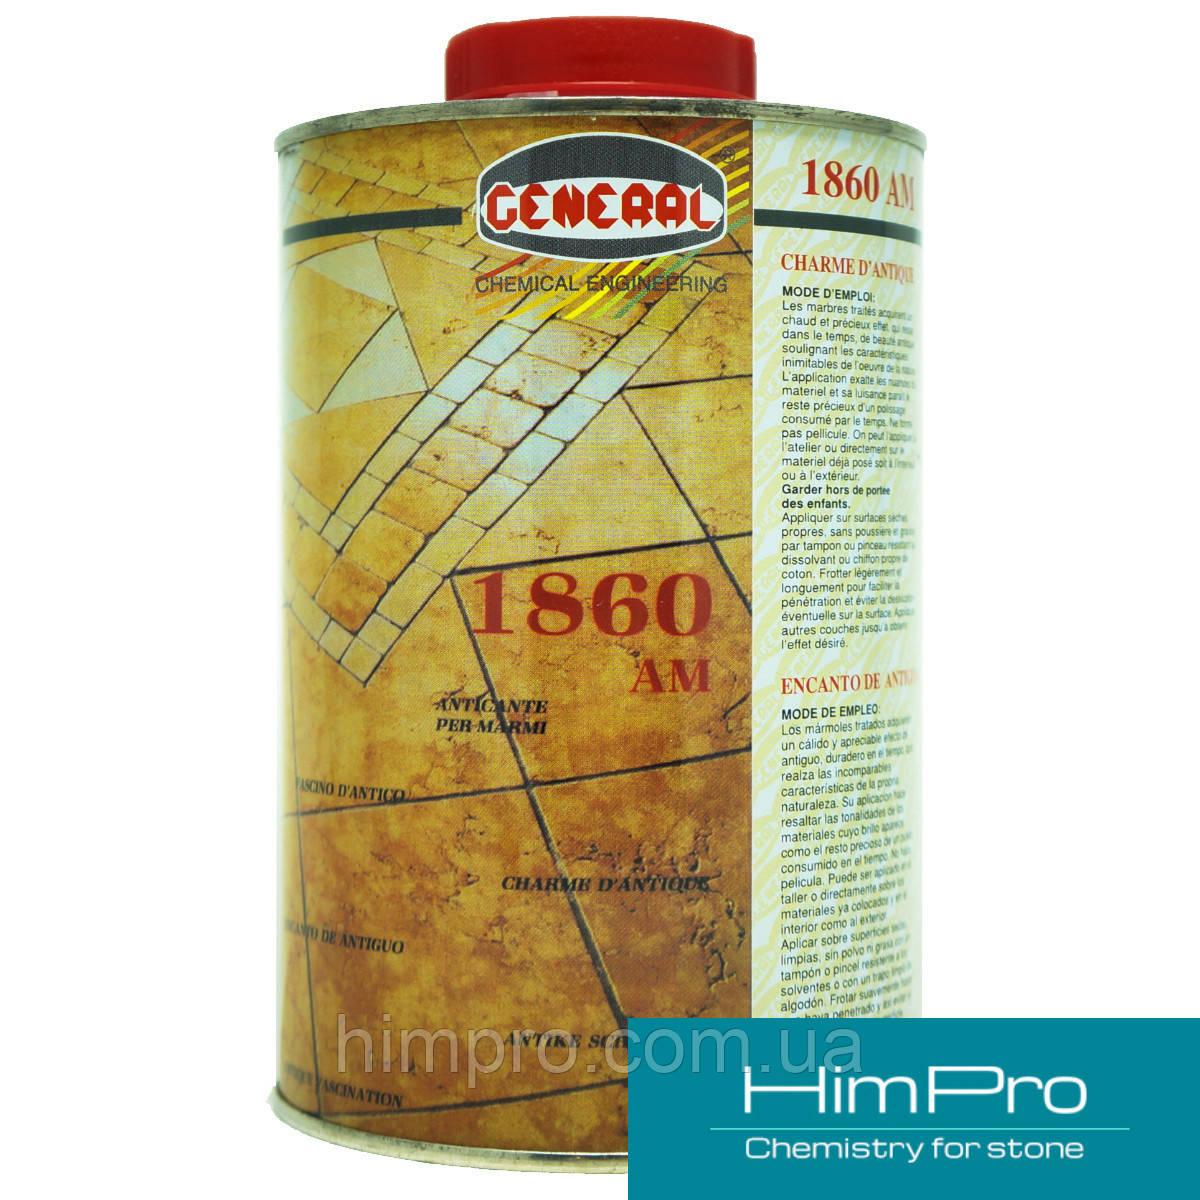 1860 AM 1L General защитное средство для античных камней, анти-граффити